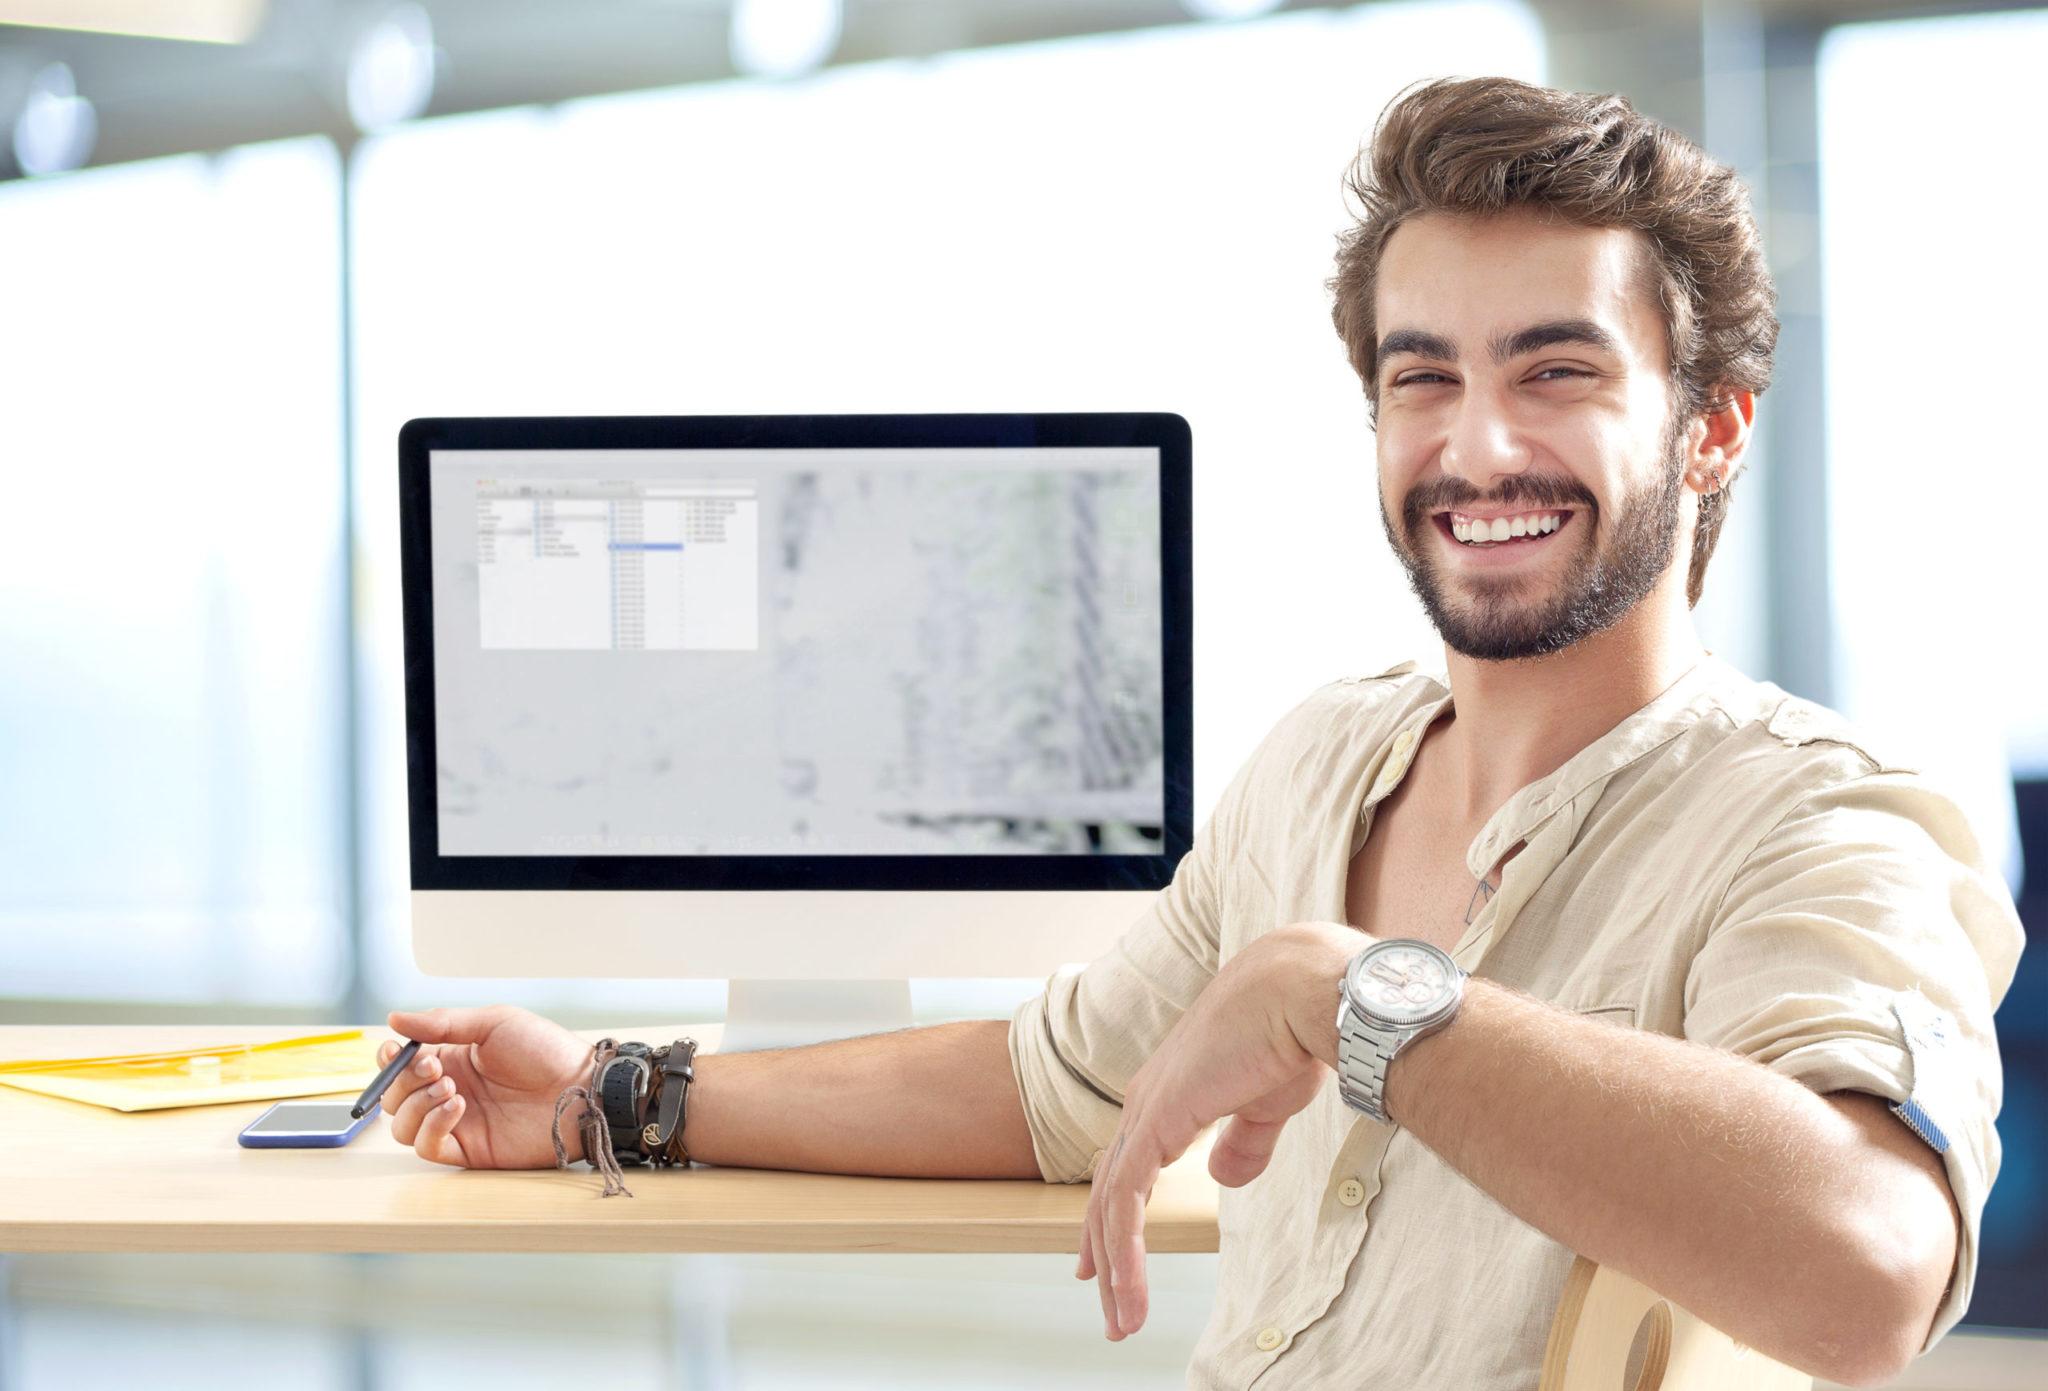 Geld sparen durch gute Vorbereitung: Wie Sie mit digitalen Tools Ihrem Steuerberater viel Arbeit abnehmen